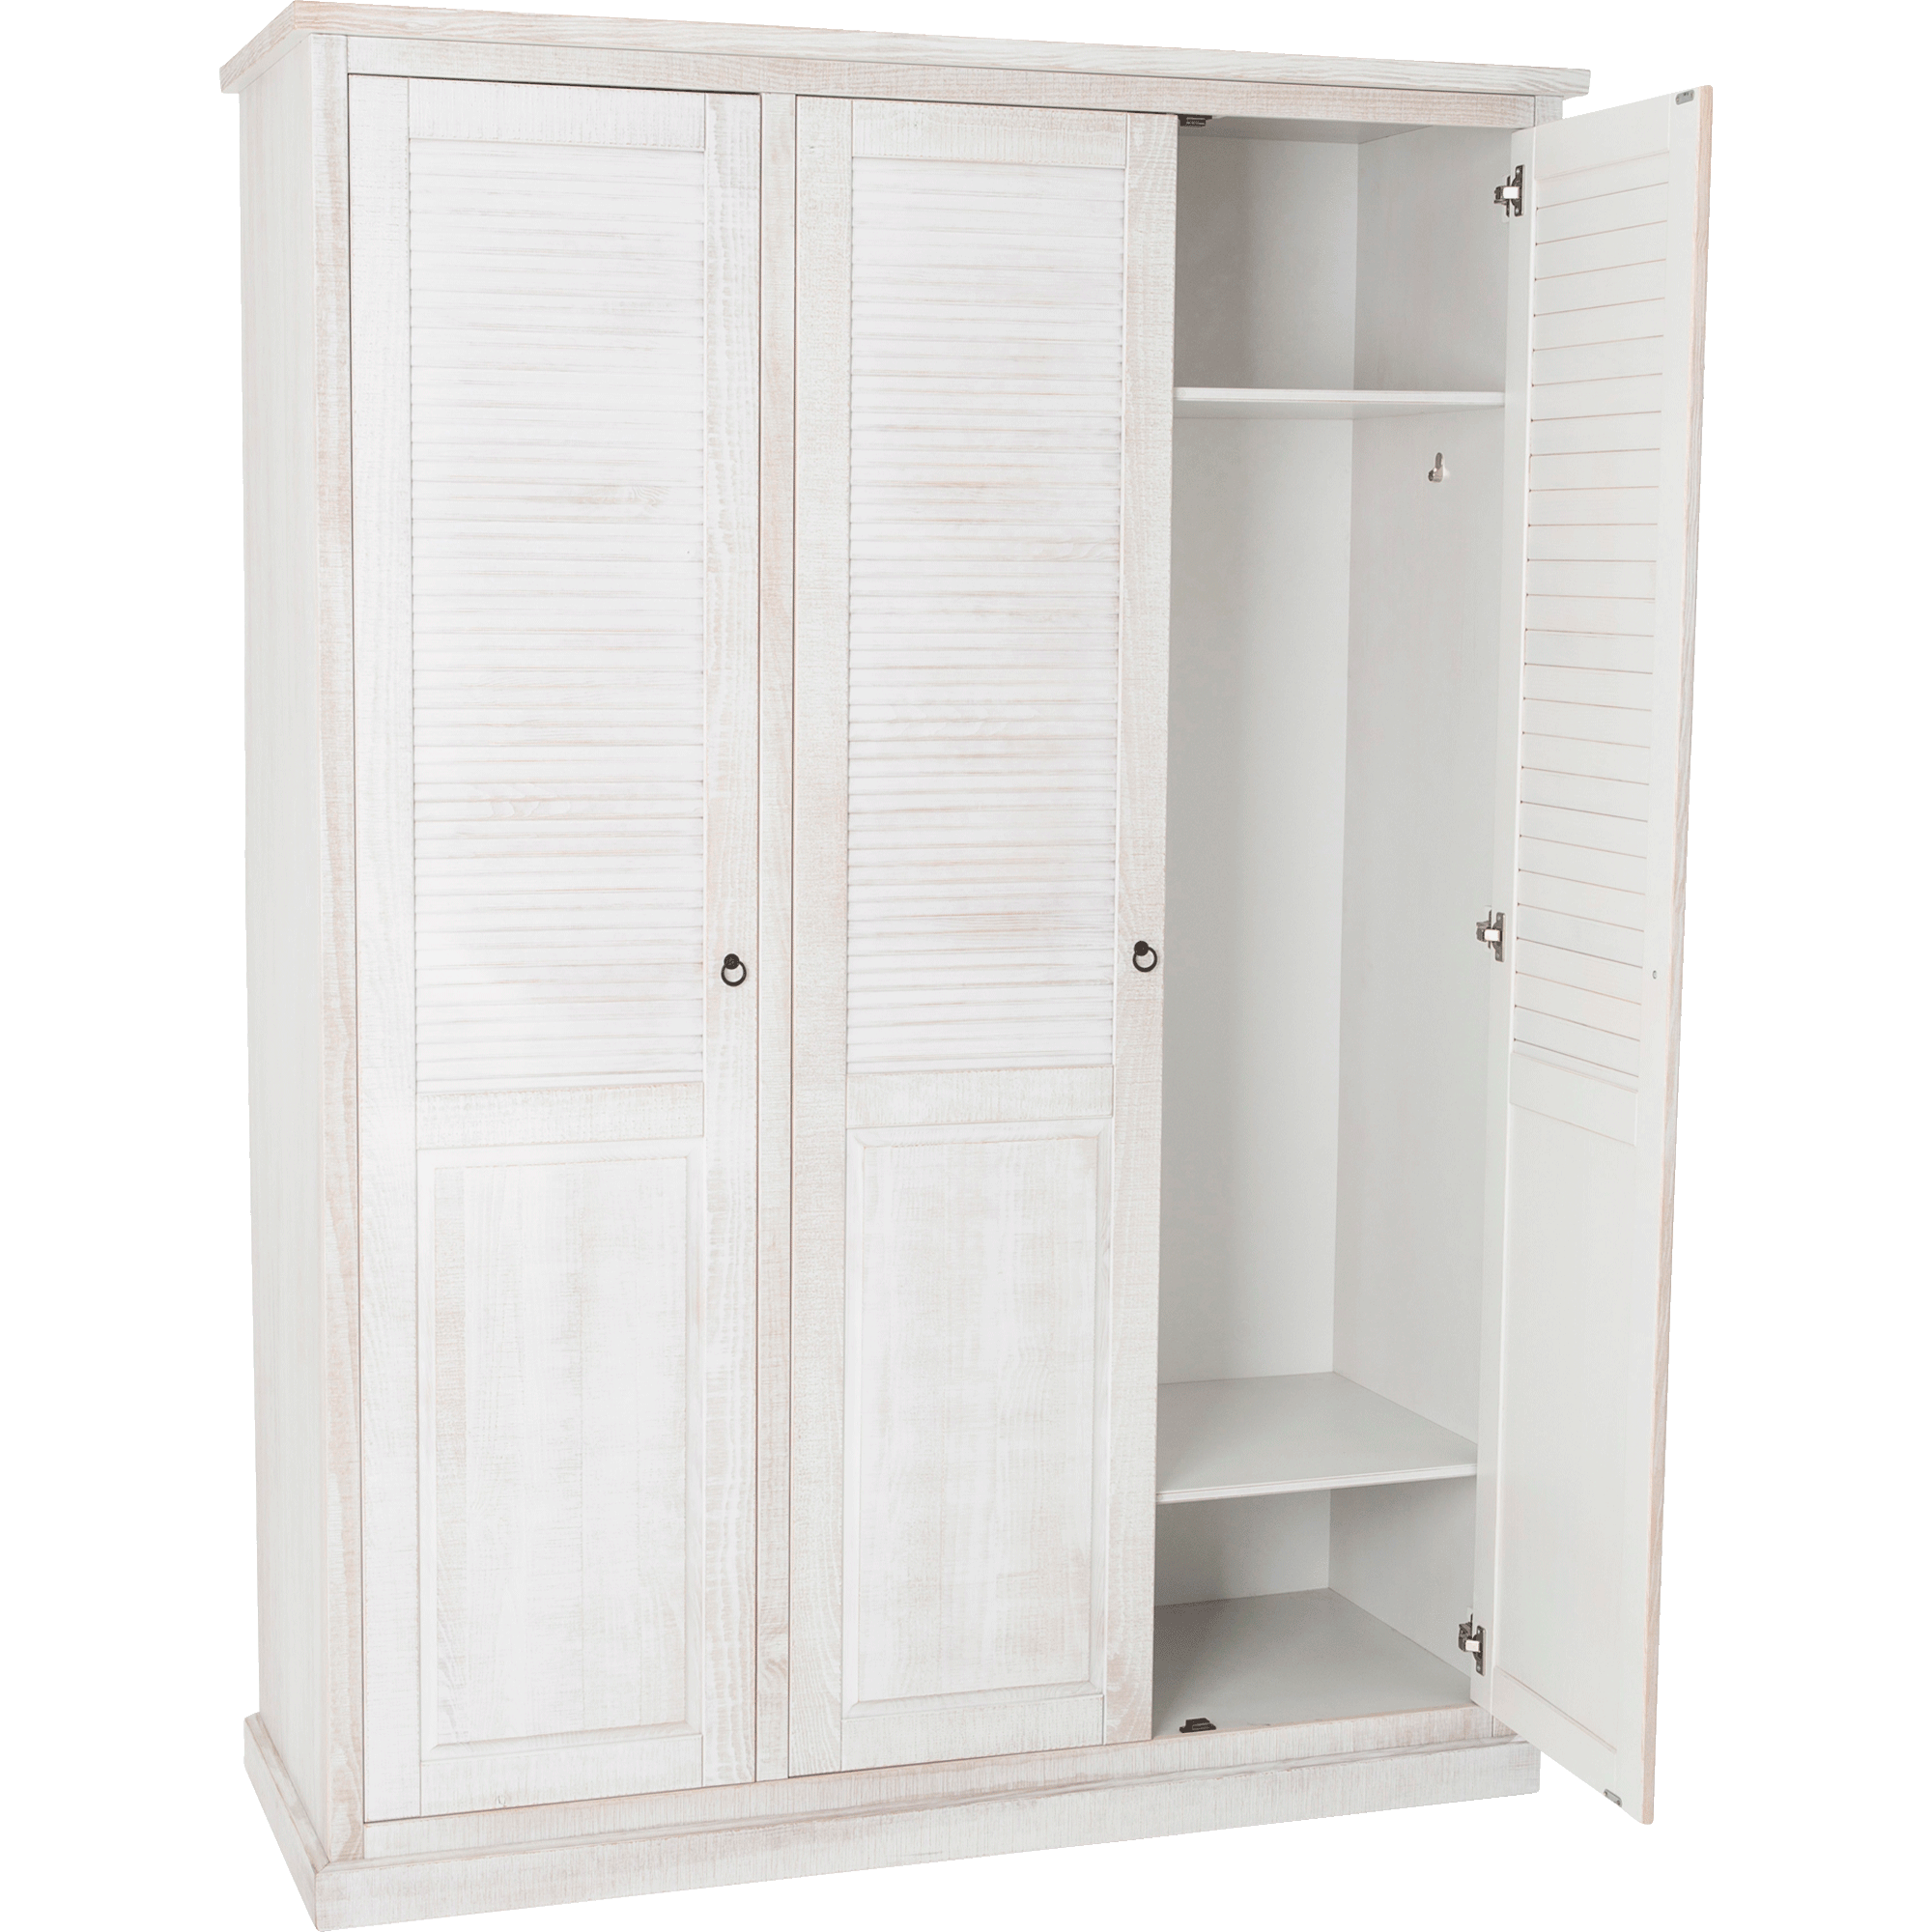 Armoire 3 Portes Battantes En Pin Brossé Blanc JALOUSIE